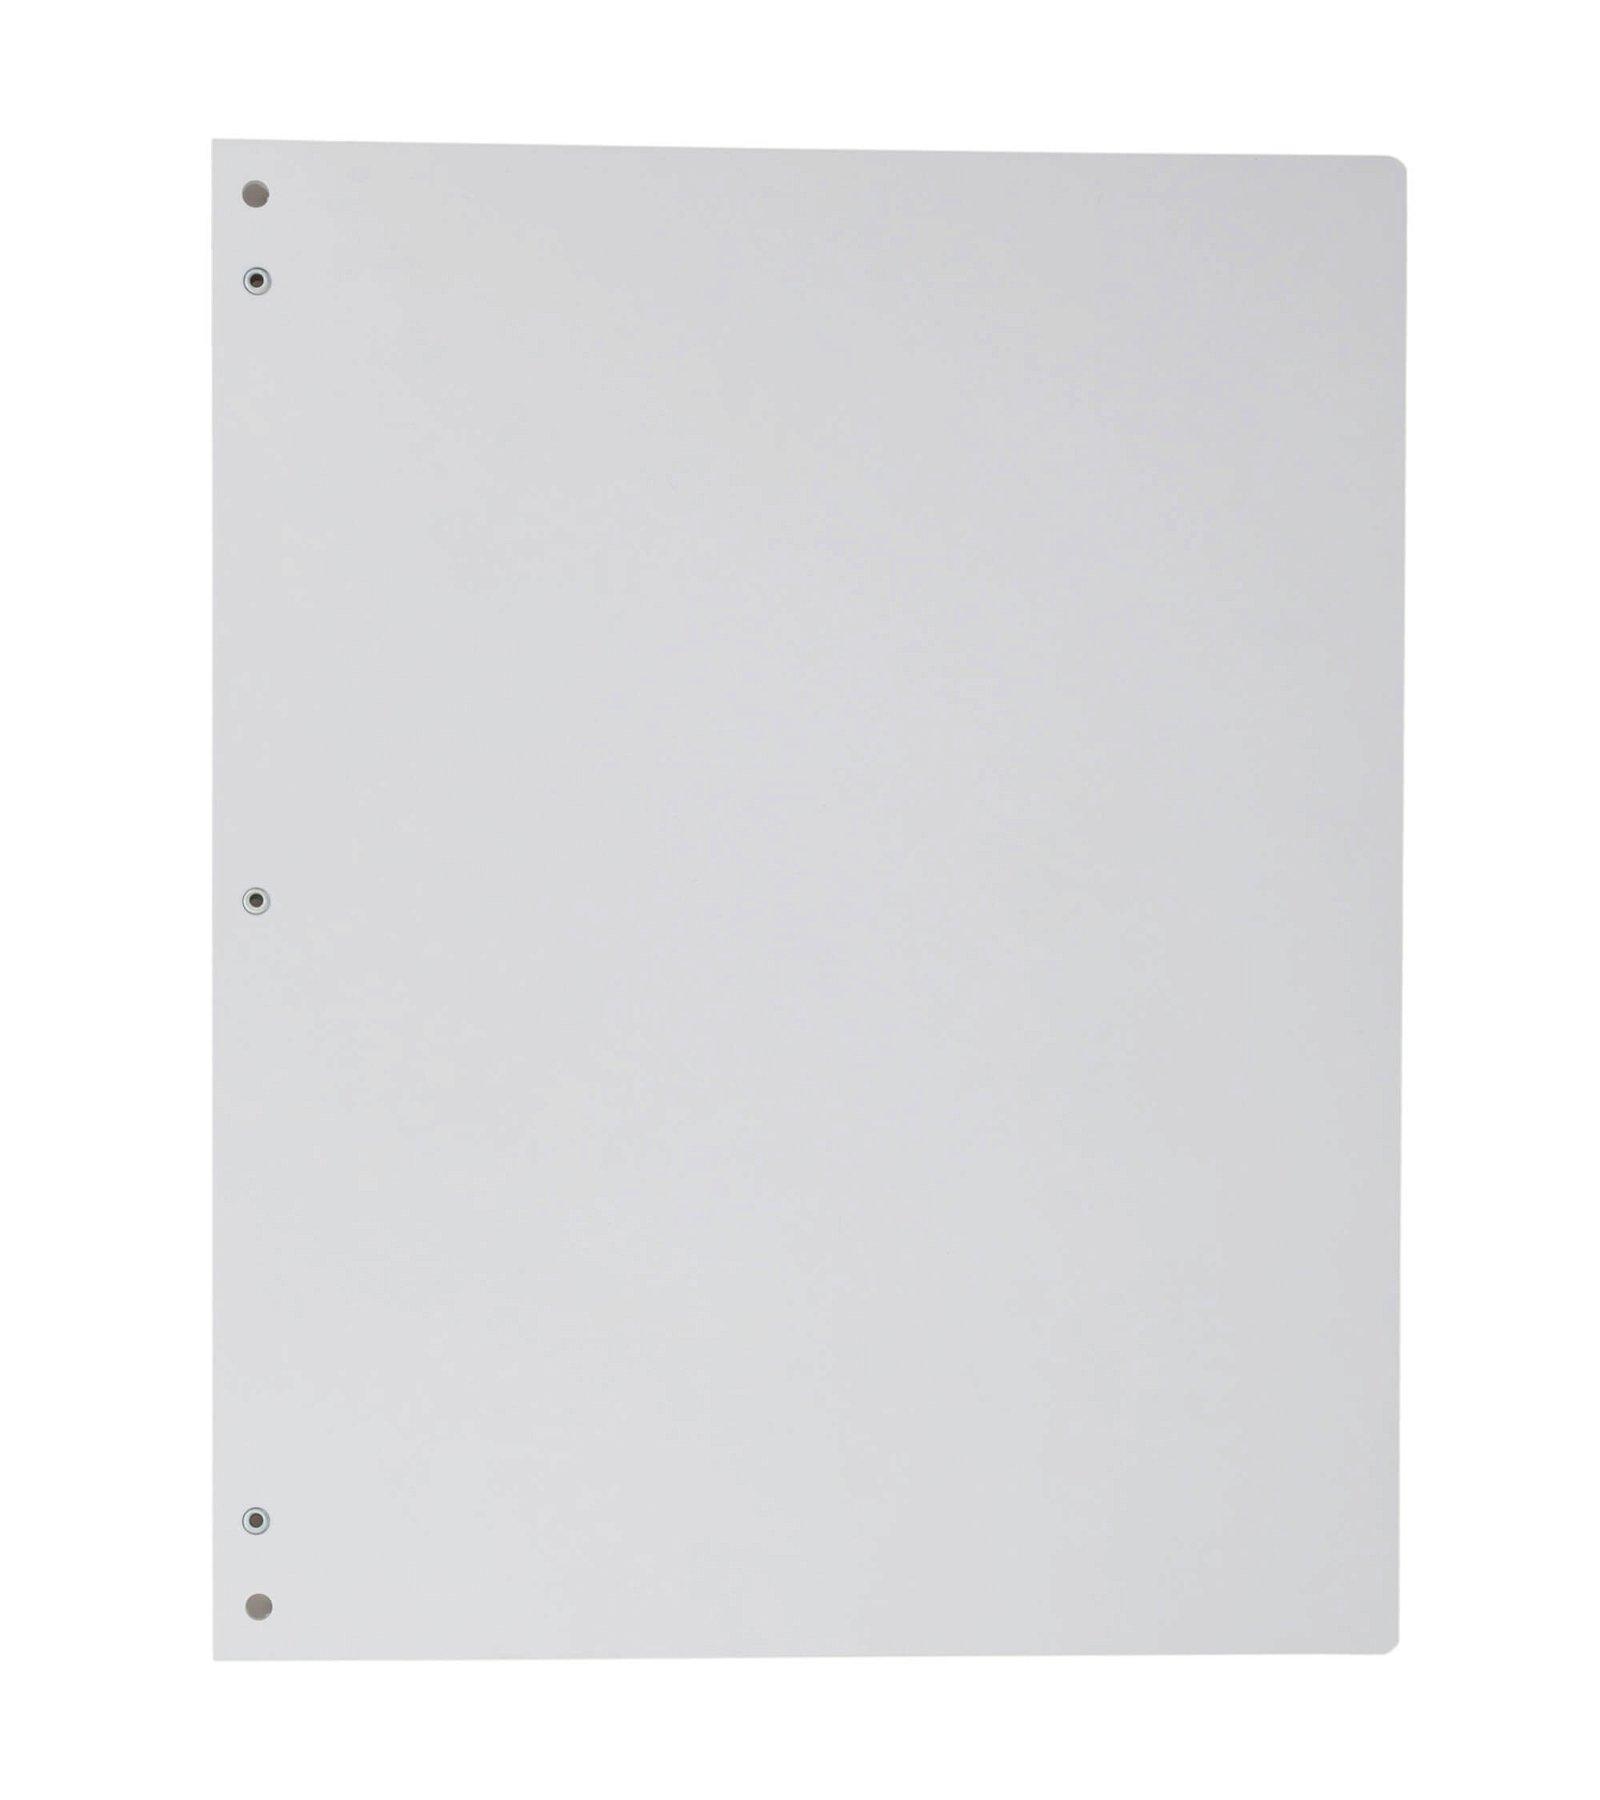 A4 Schreibplatte MAULpro Kunststoff Klemmer lange Seite, weiß